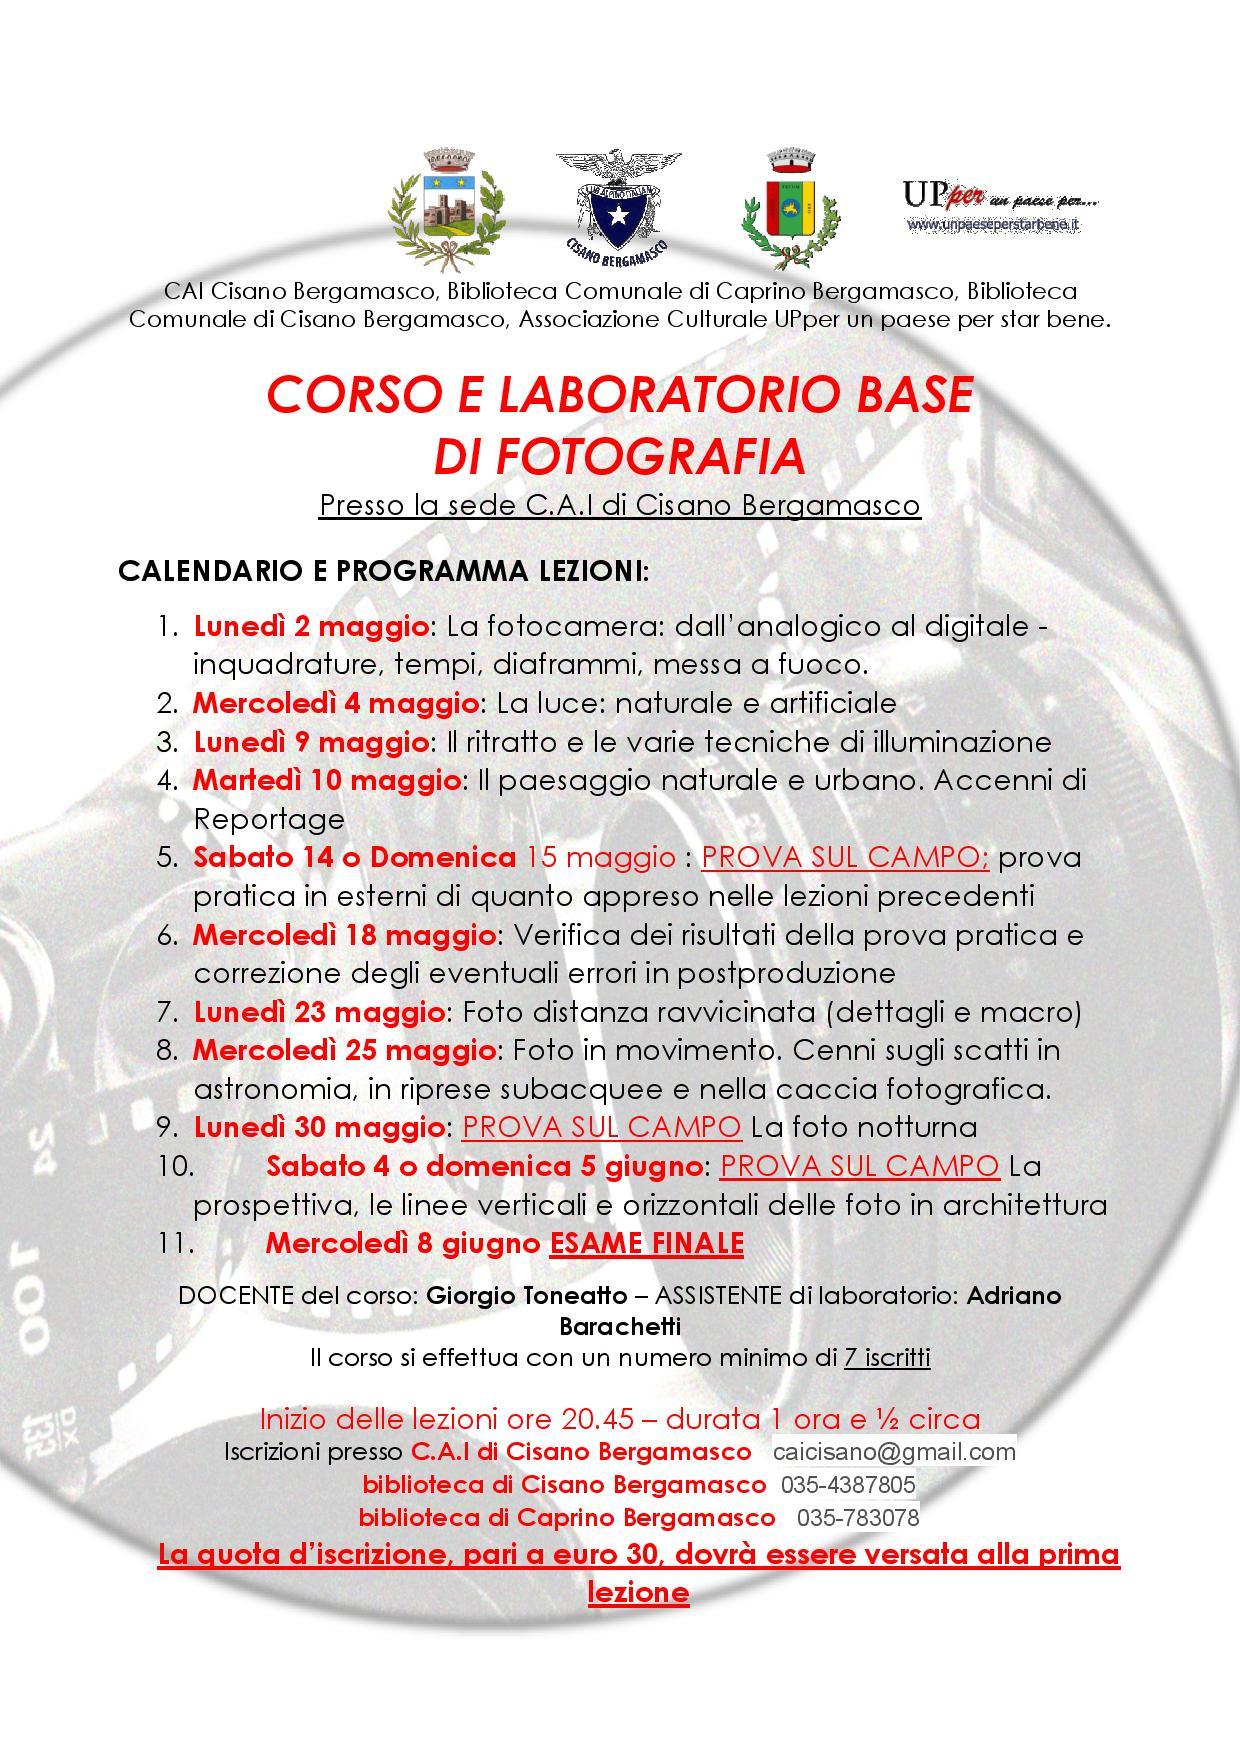 CORSO FOTOGRAFIA CISANO DEFINITIVO-page-001